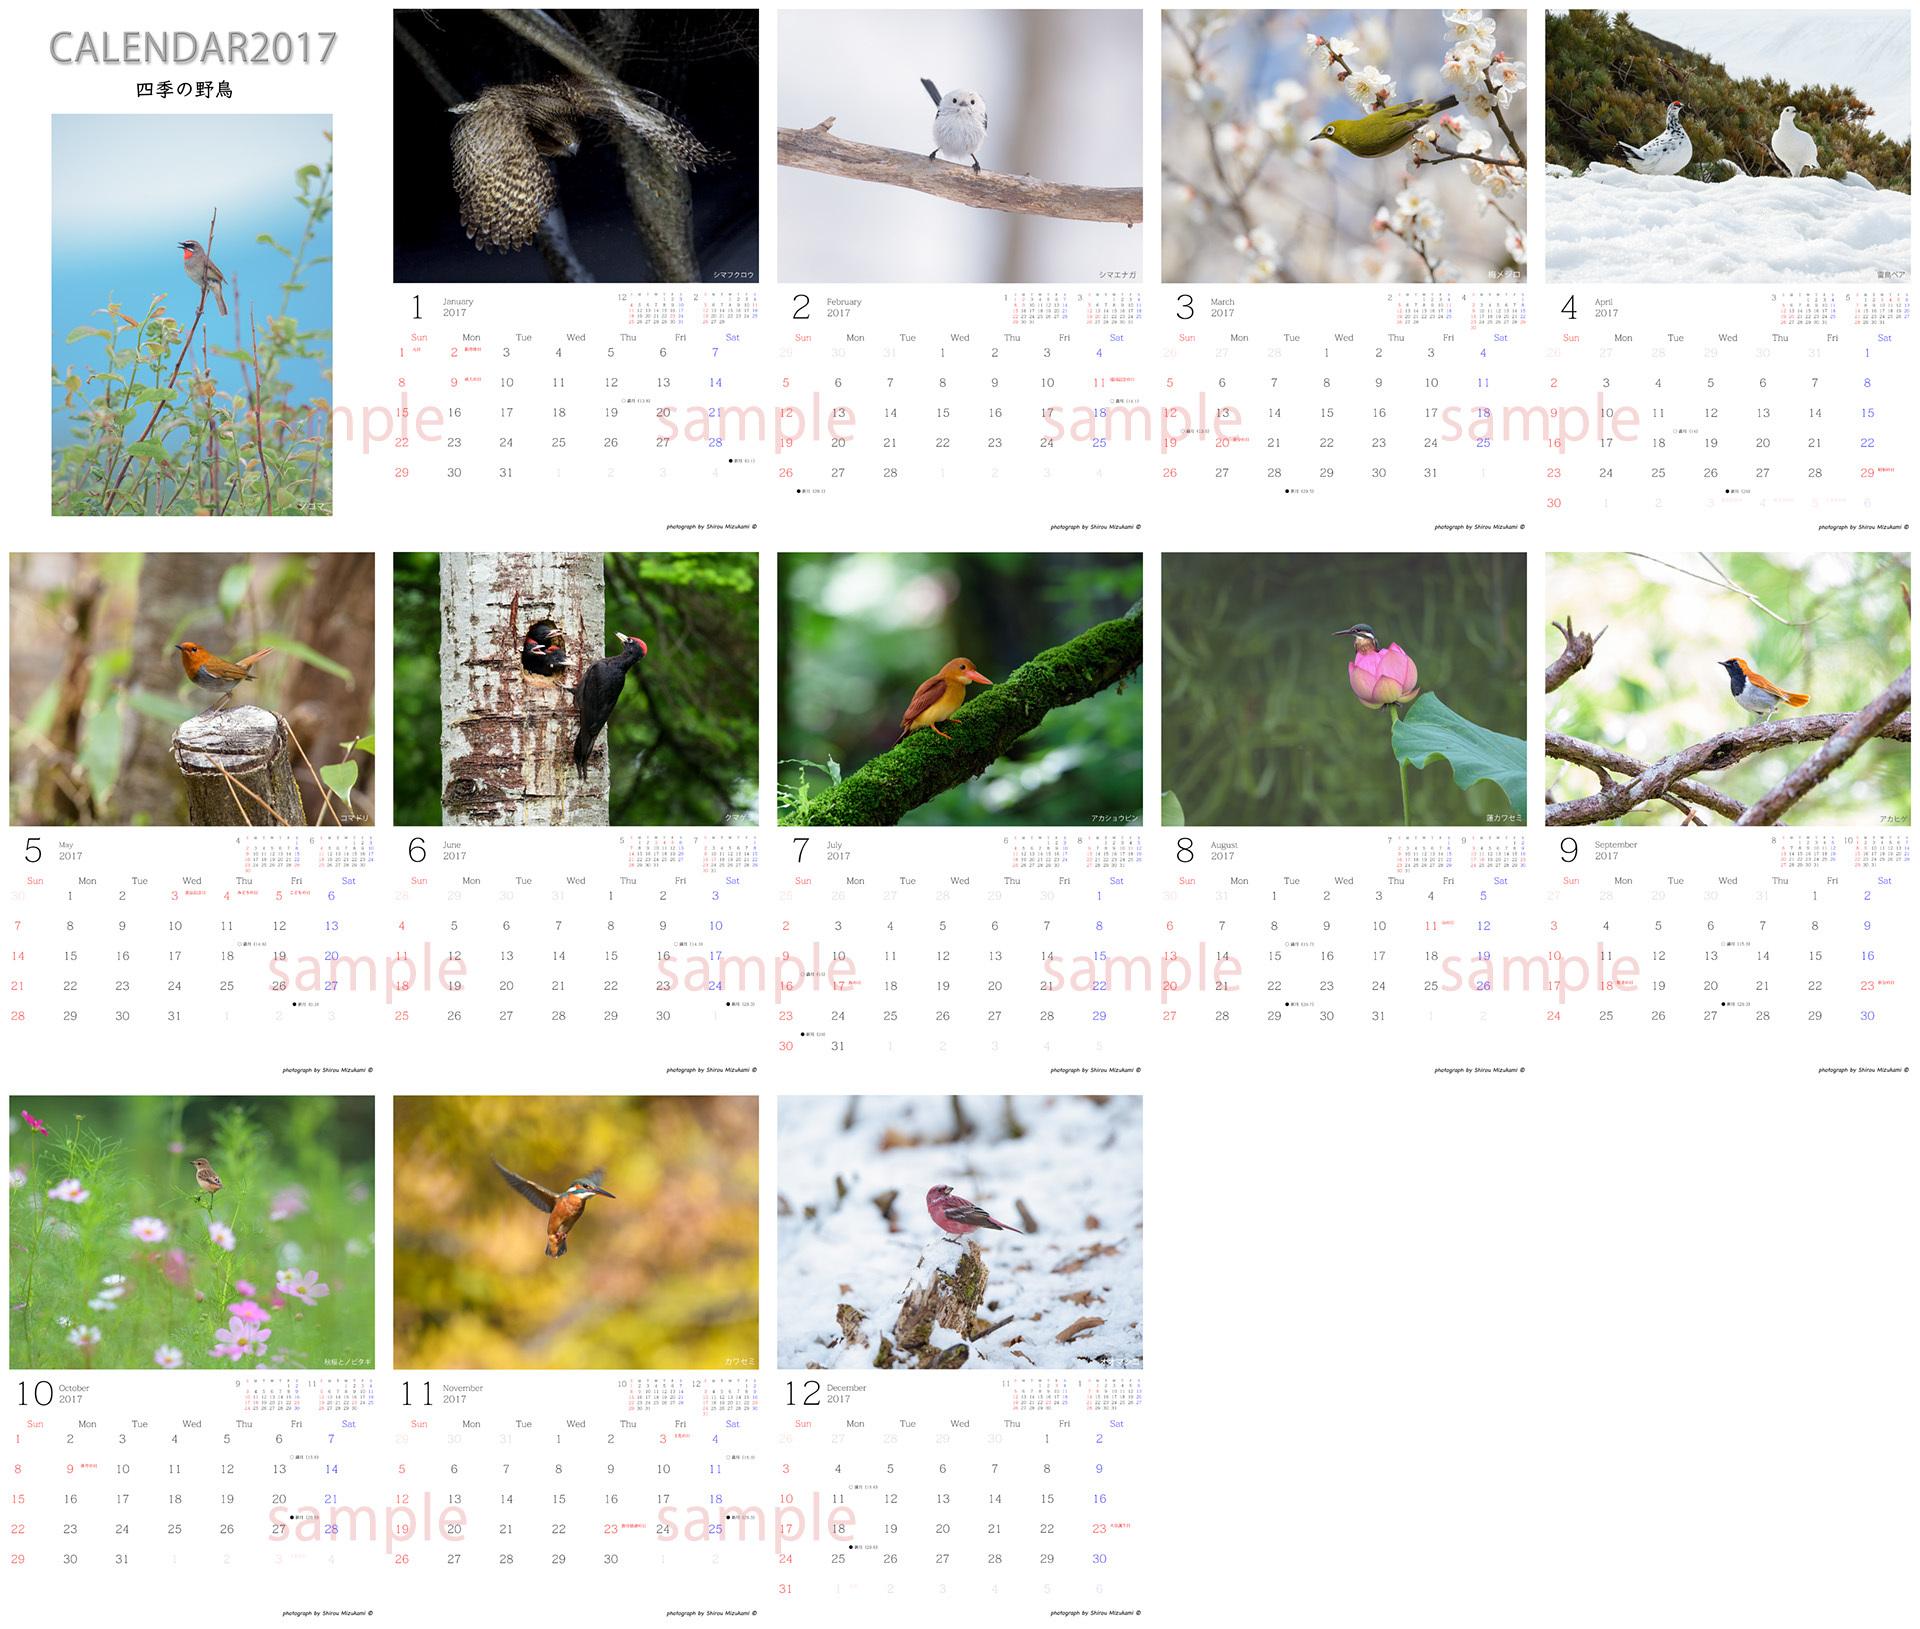 四季の野鳥web版